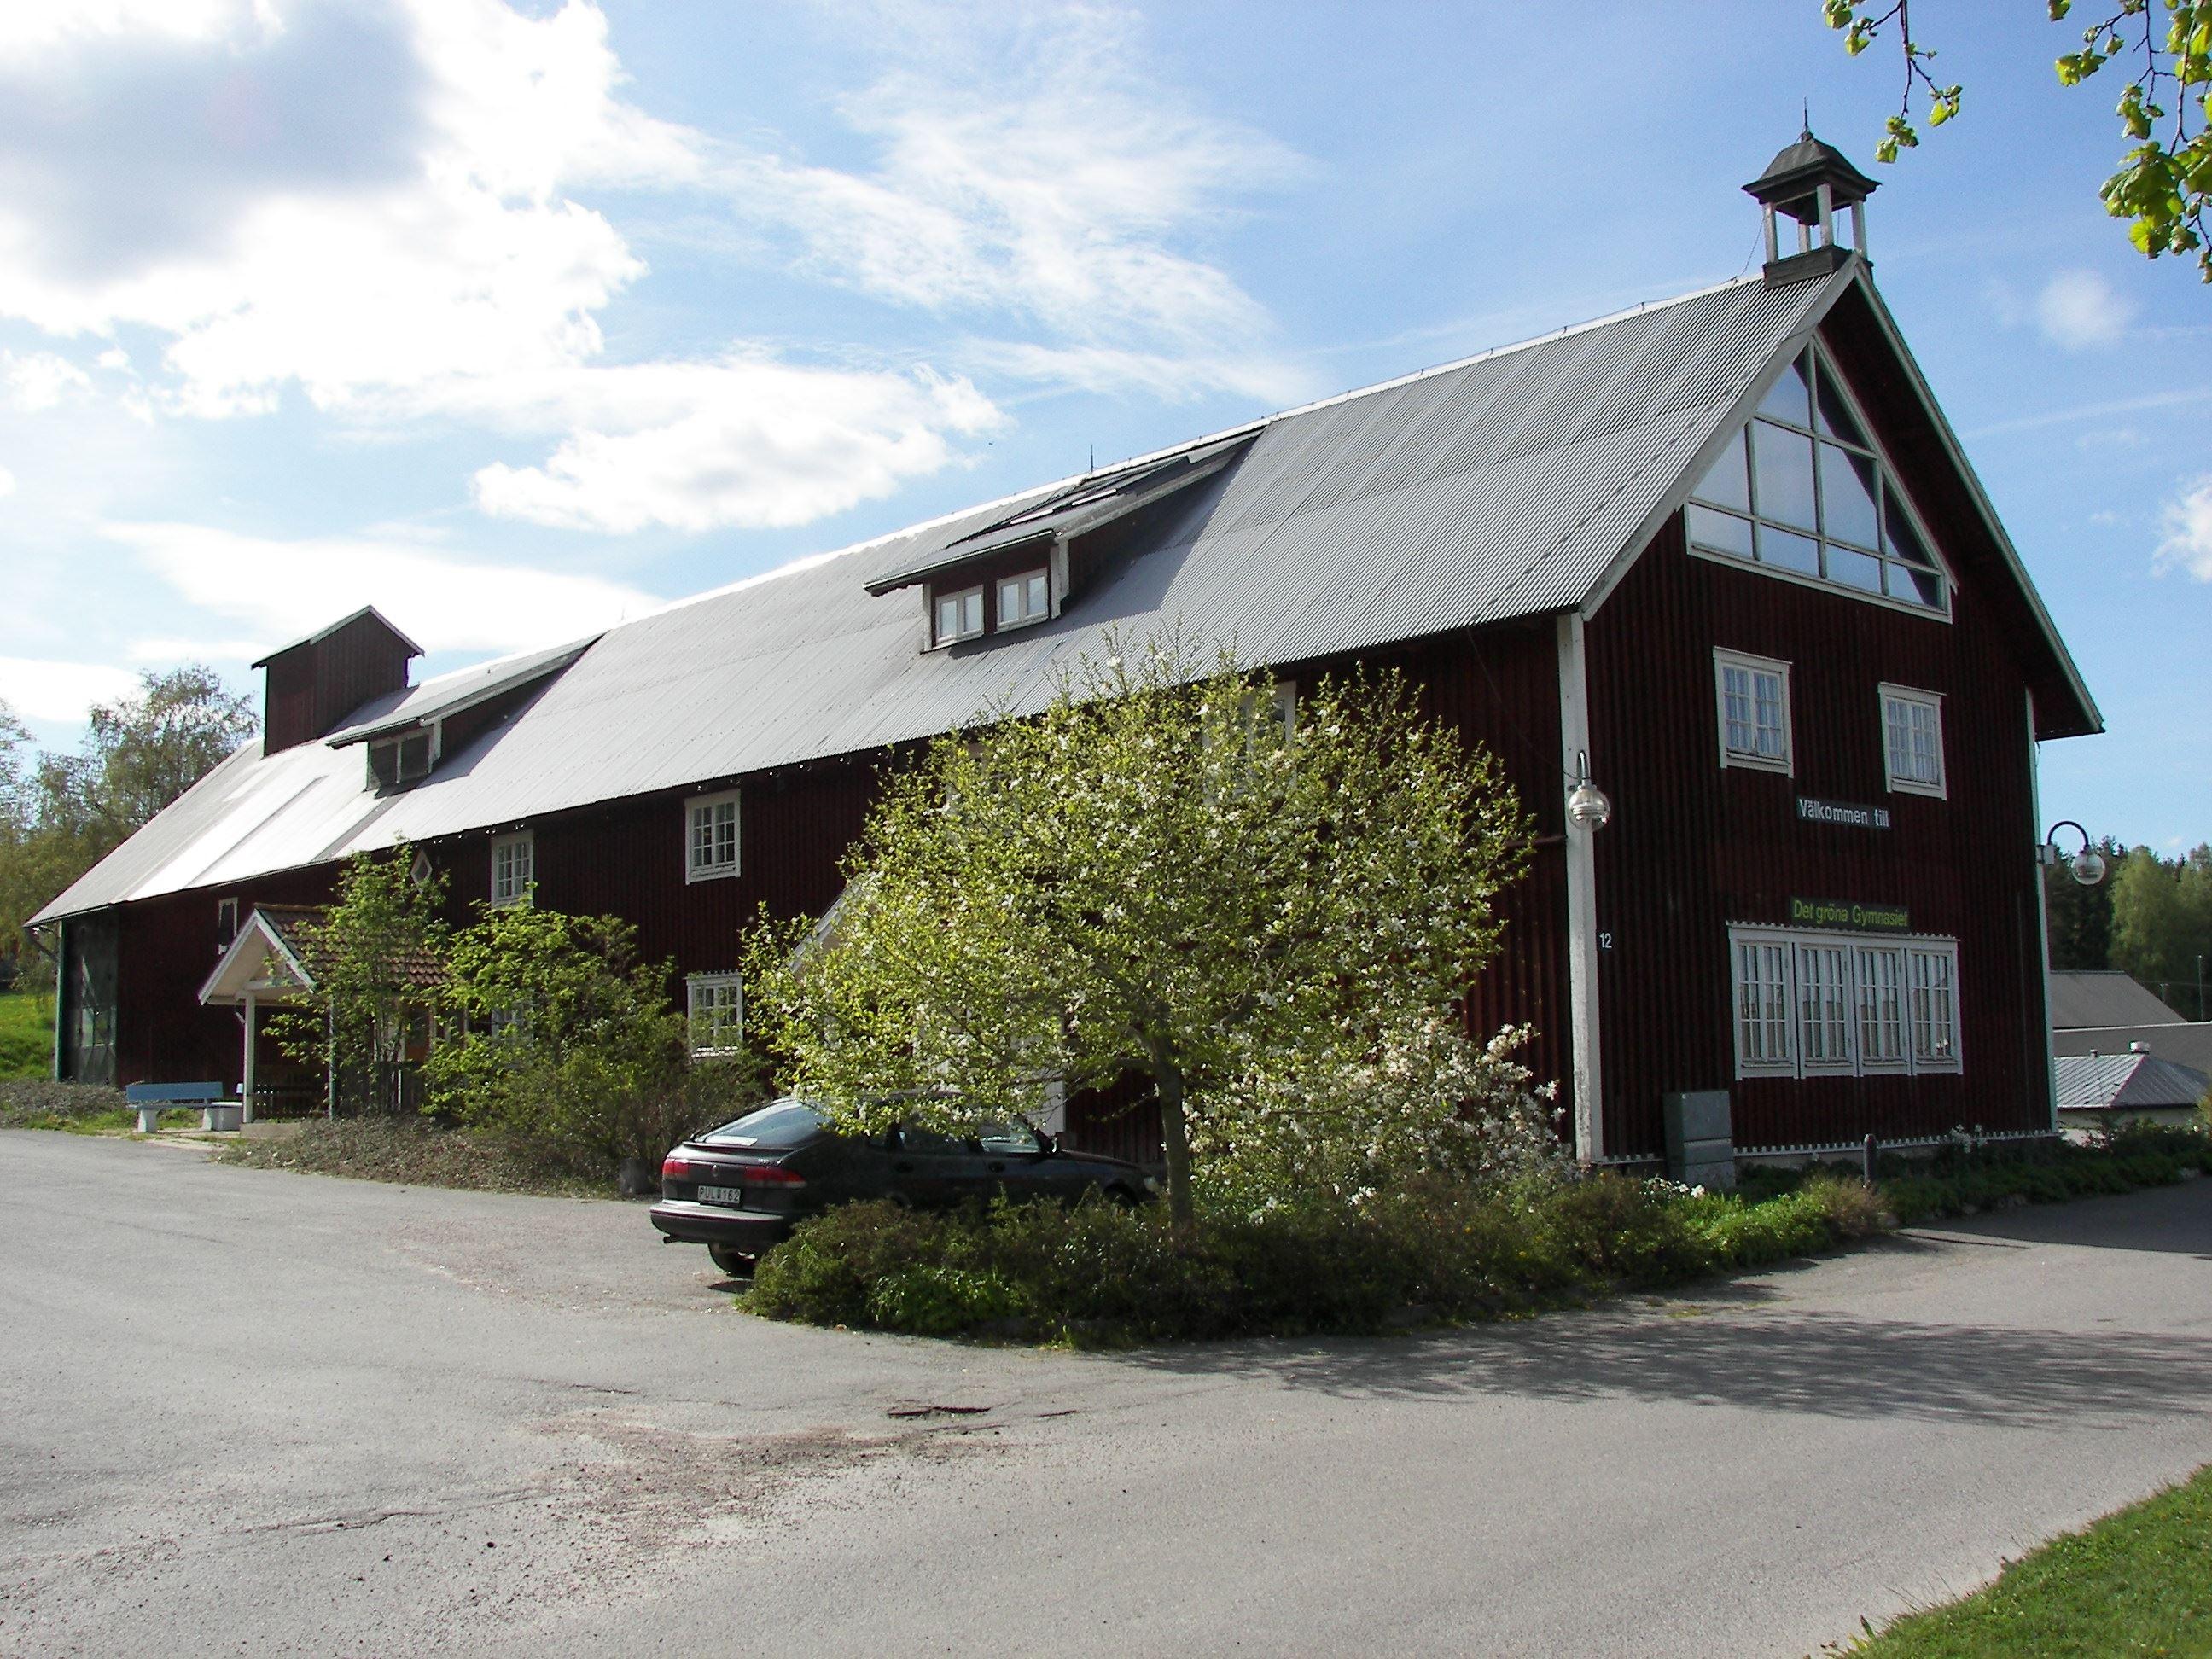 Öppet Hus på Gamlebygymnasiet